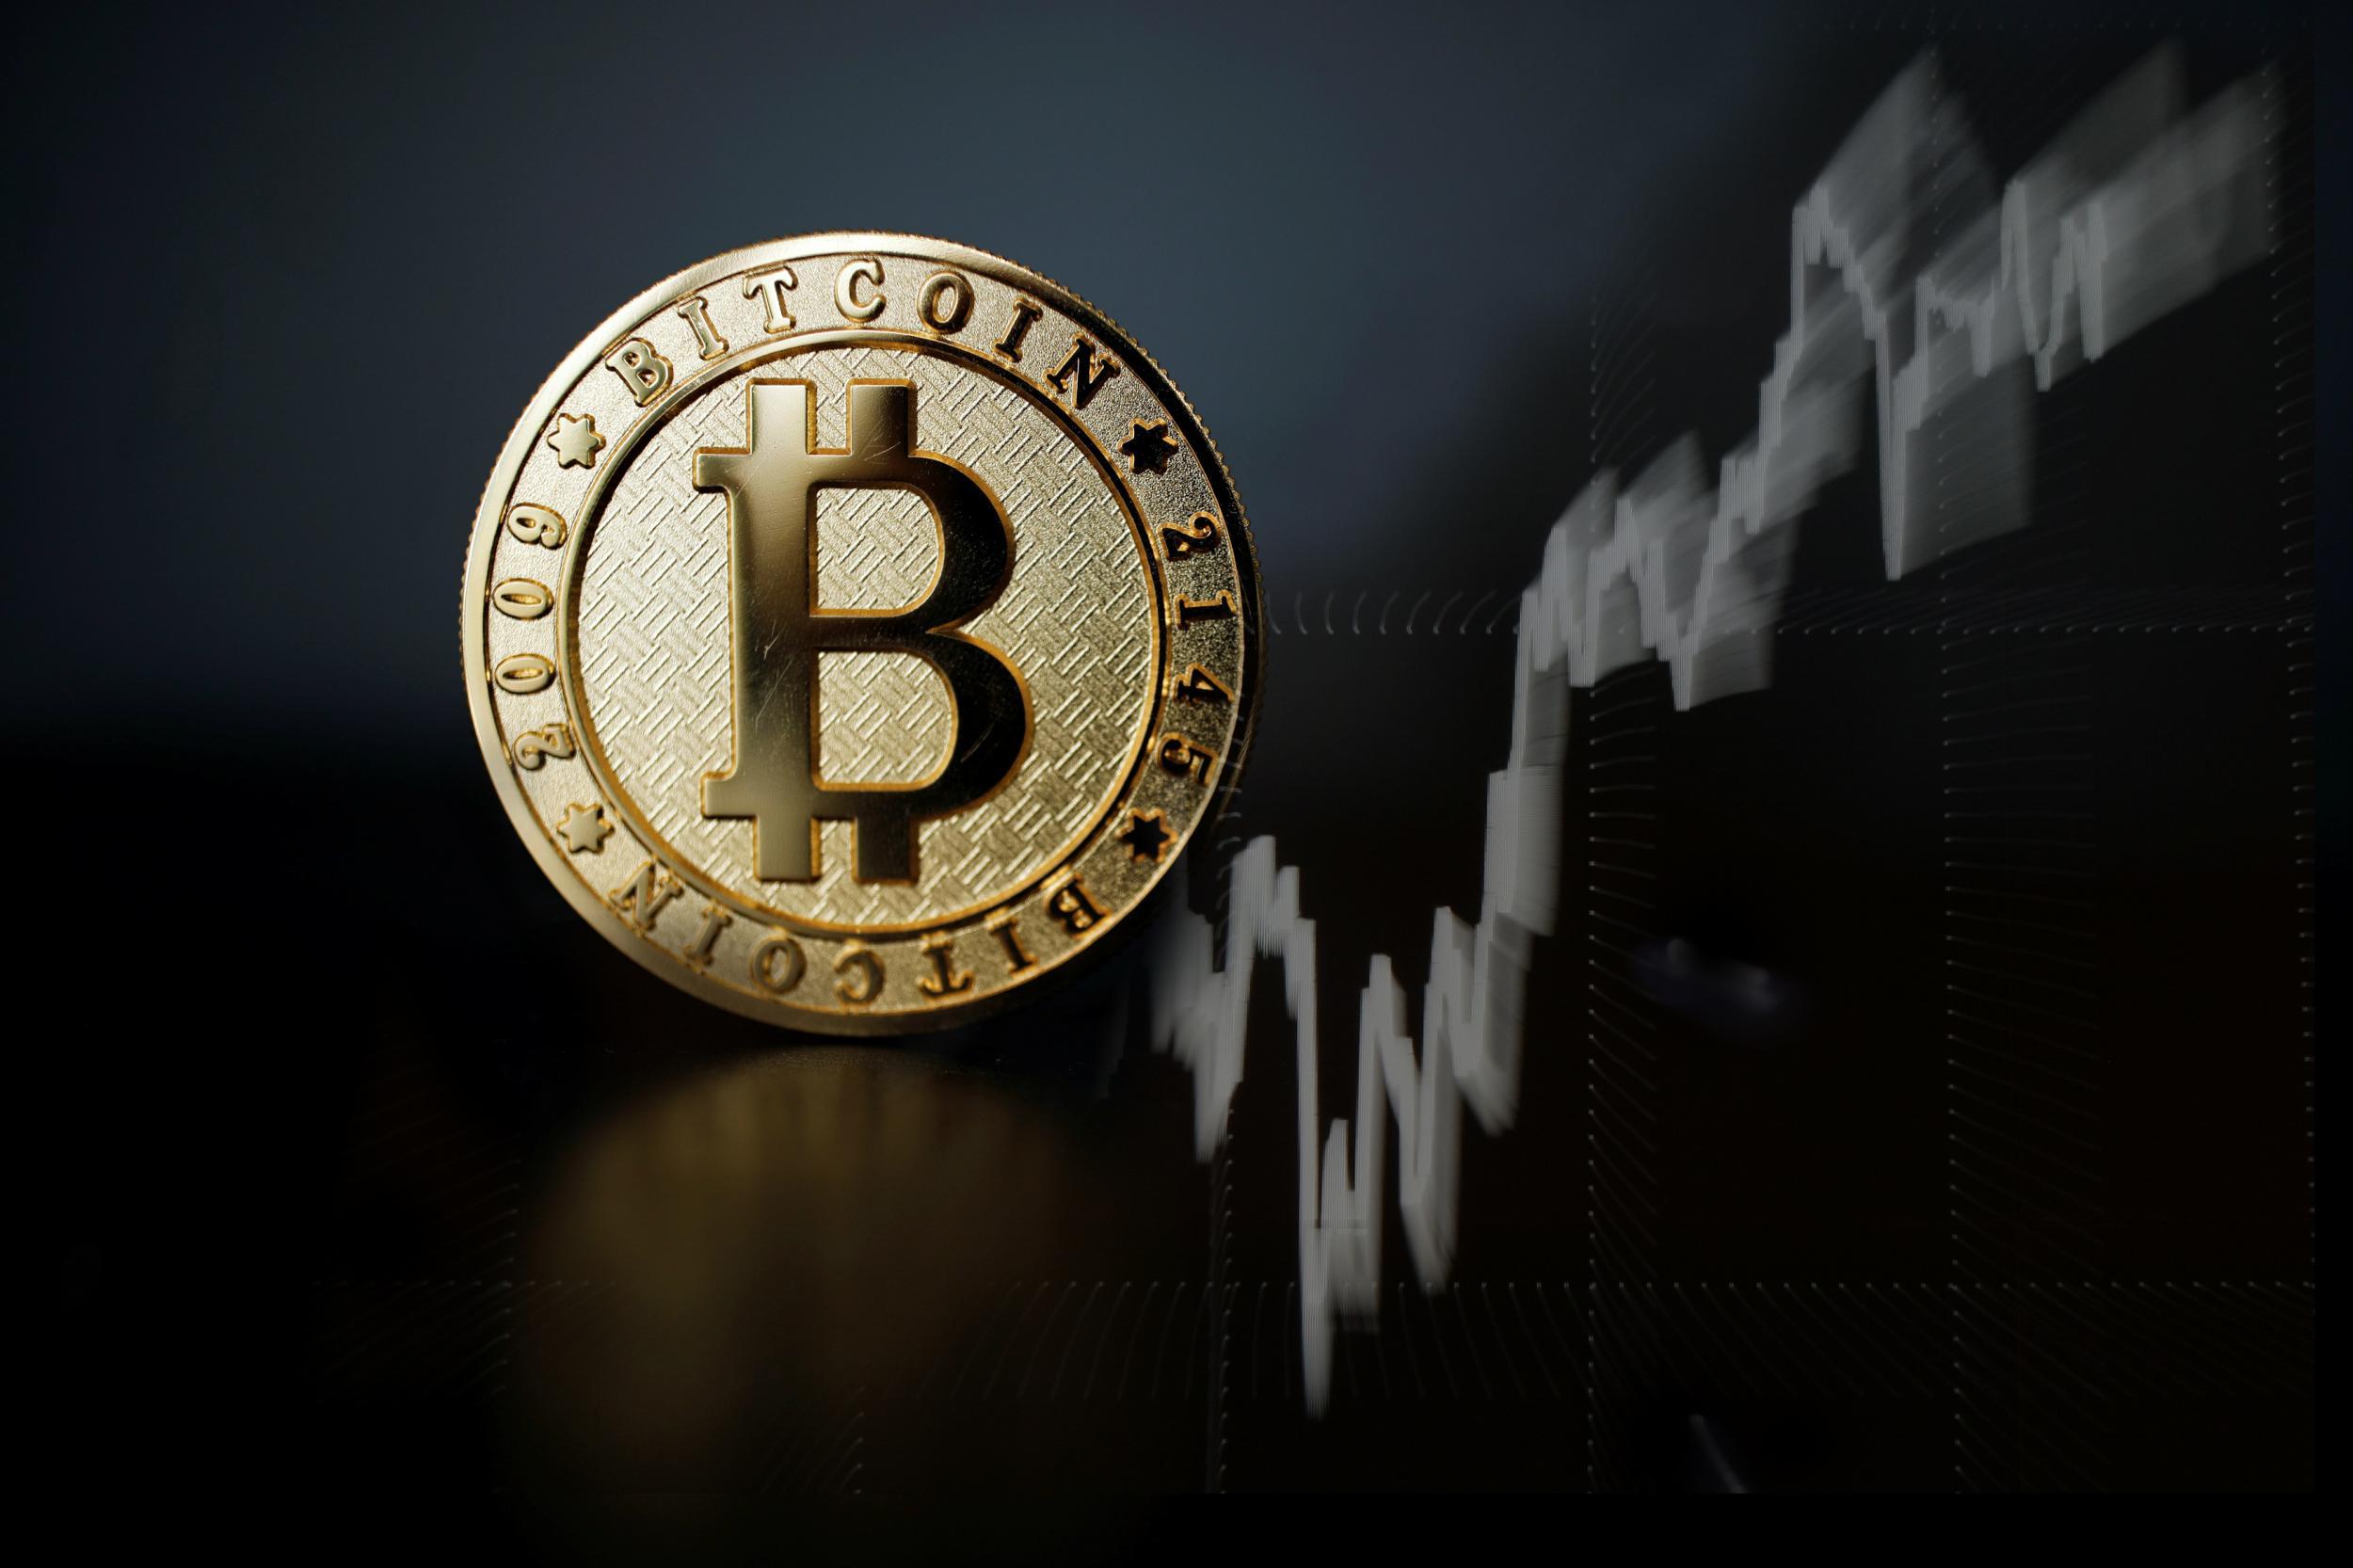 bitcoin 11500 dolar hedef